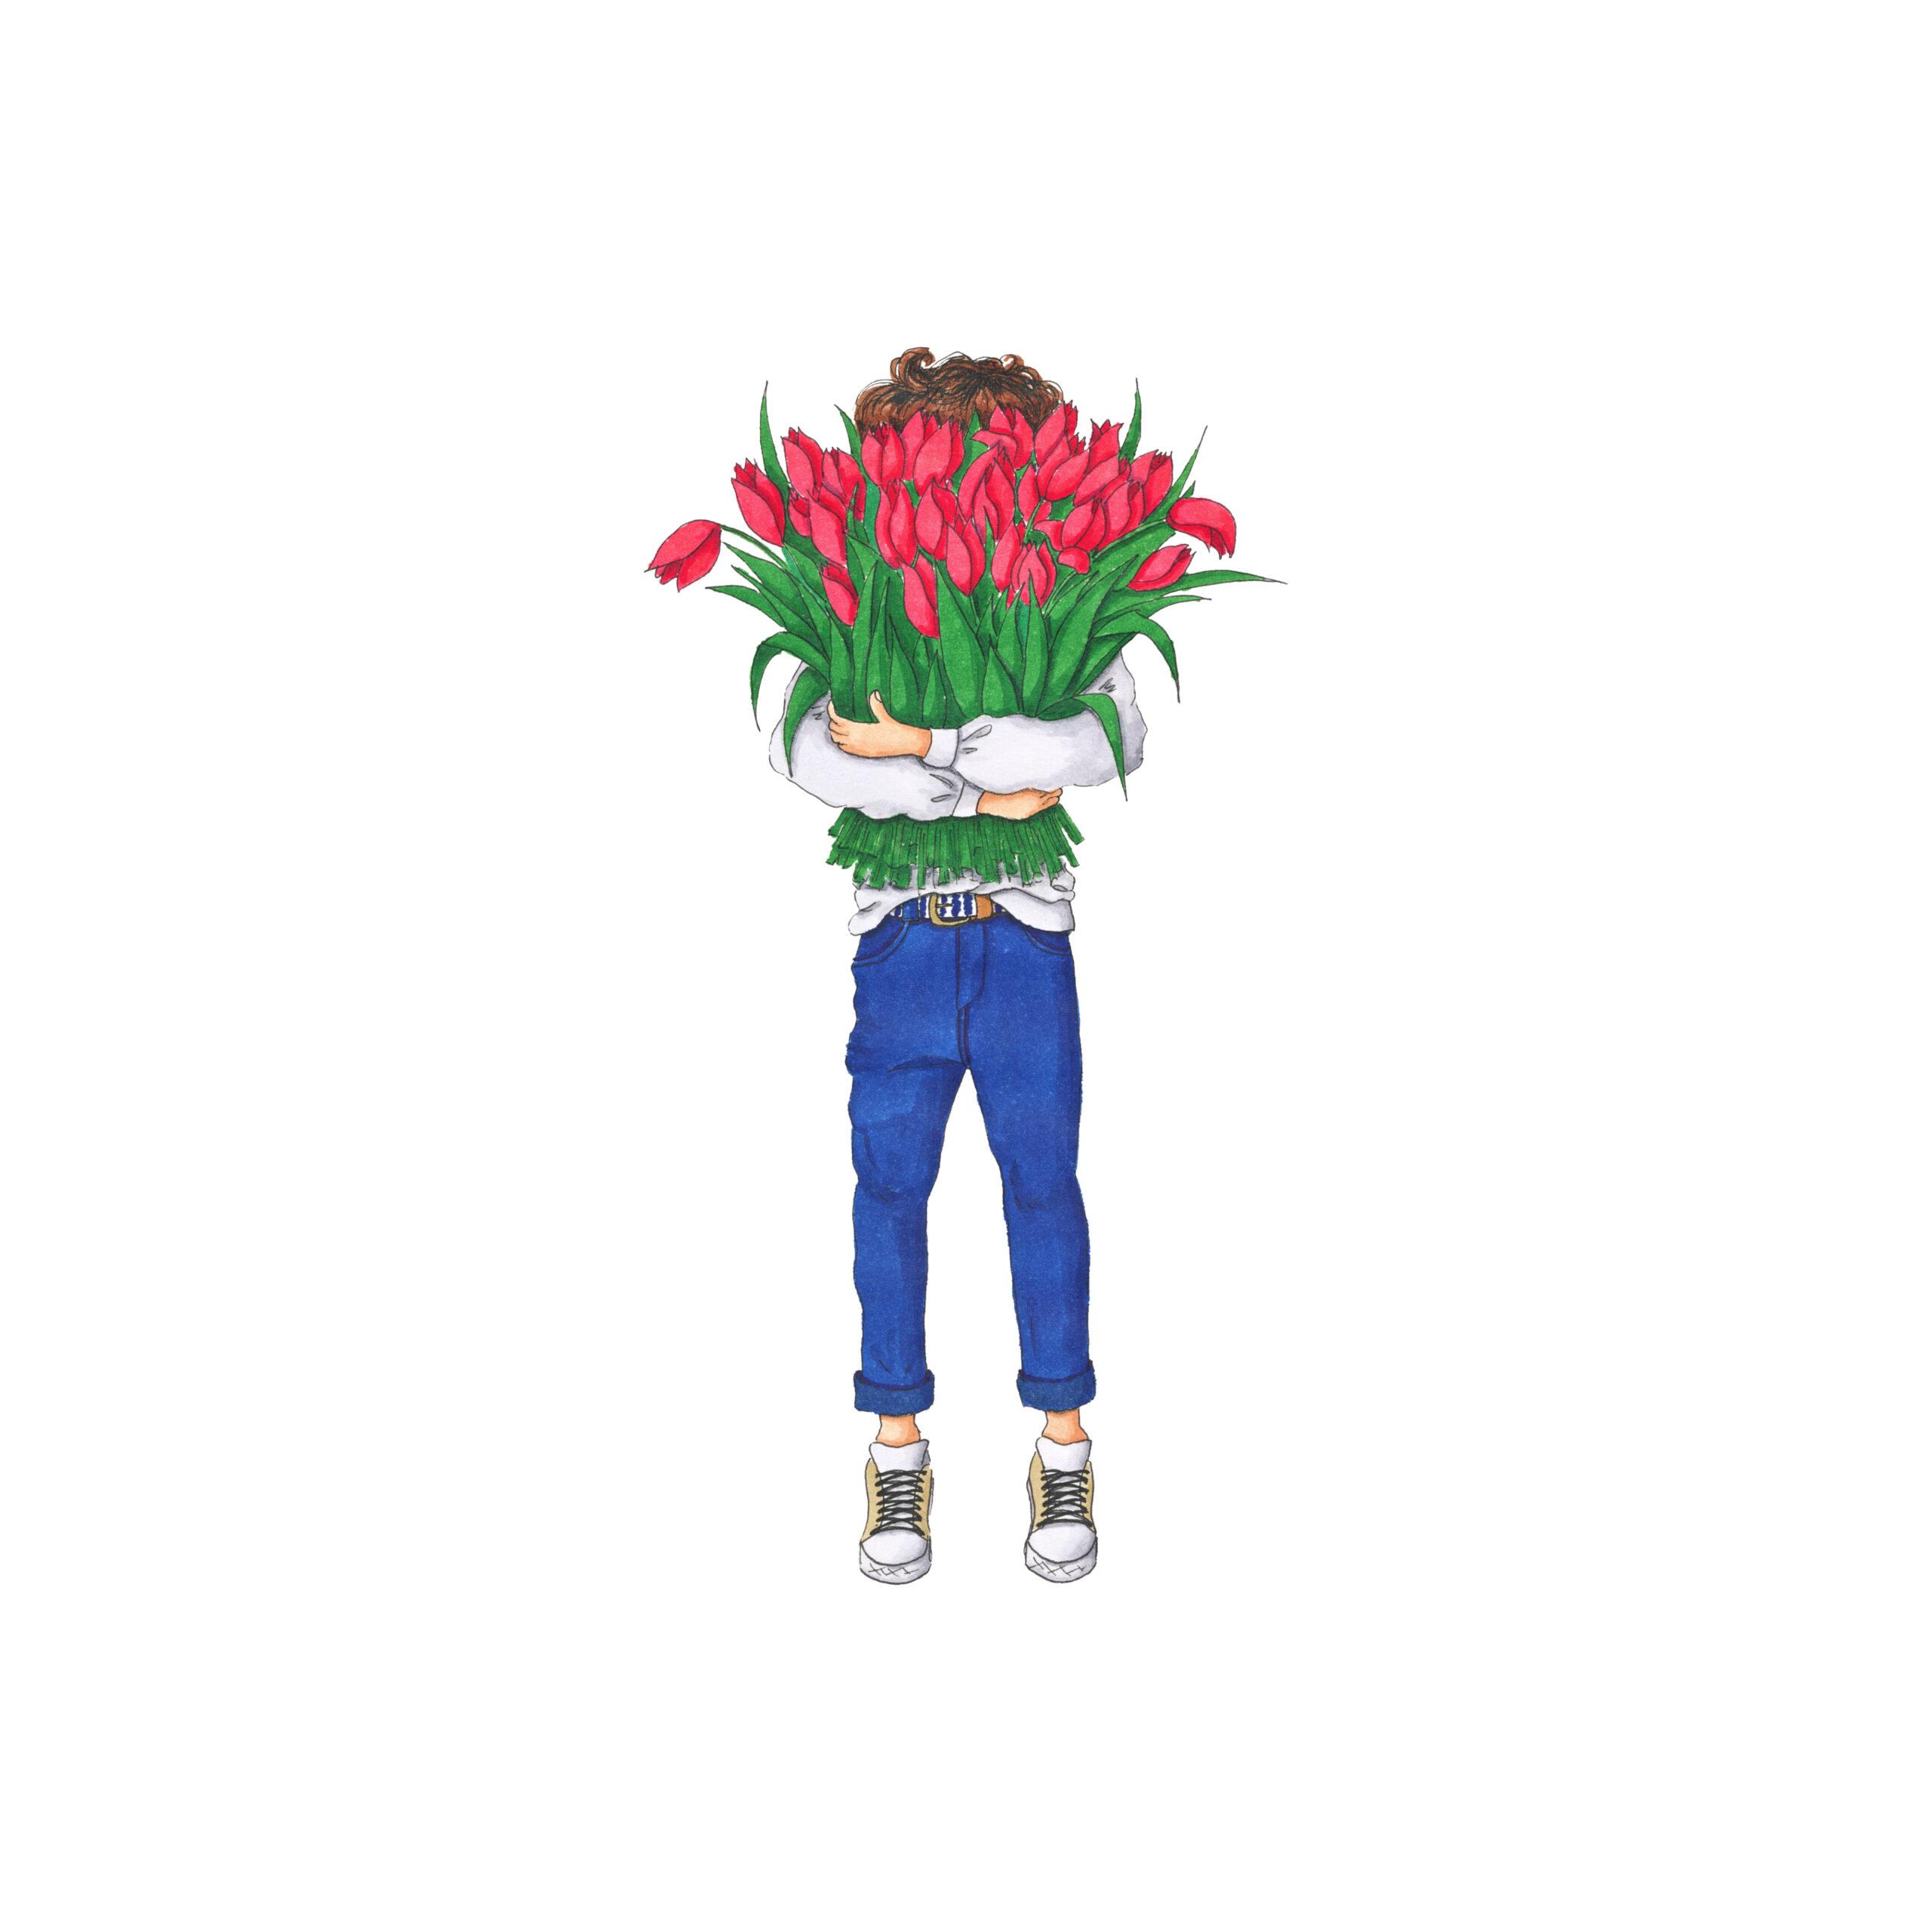 いつだってお花は男の子があげる側?